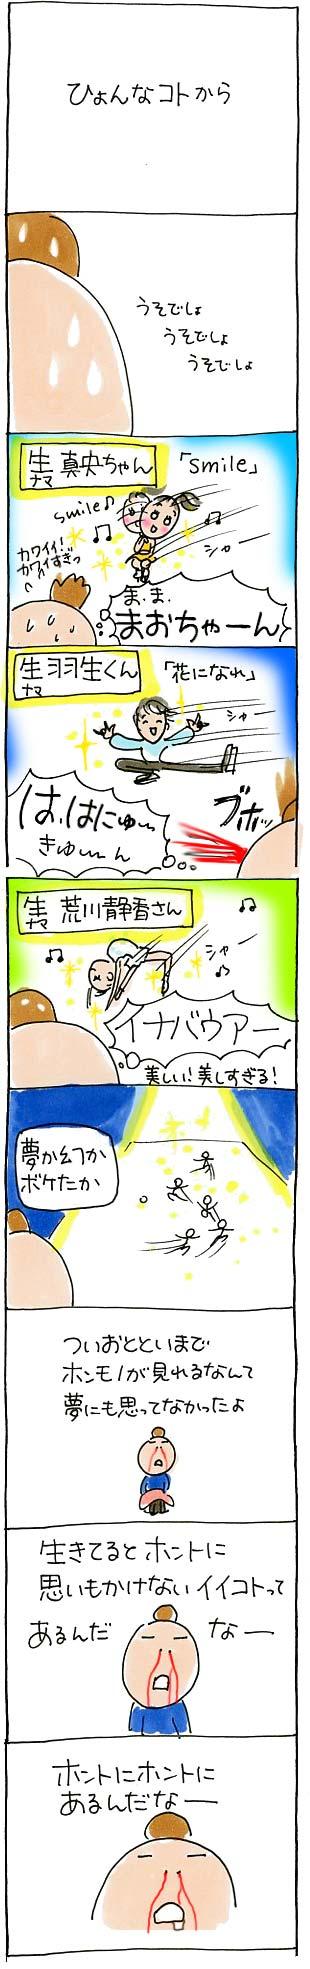 ナマ真央ちゃんナマ羽生君の奇跡!